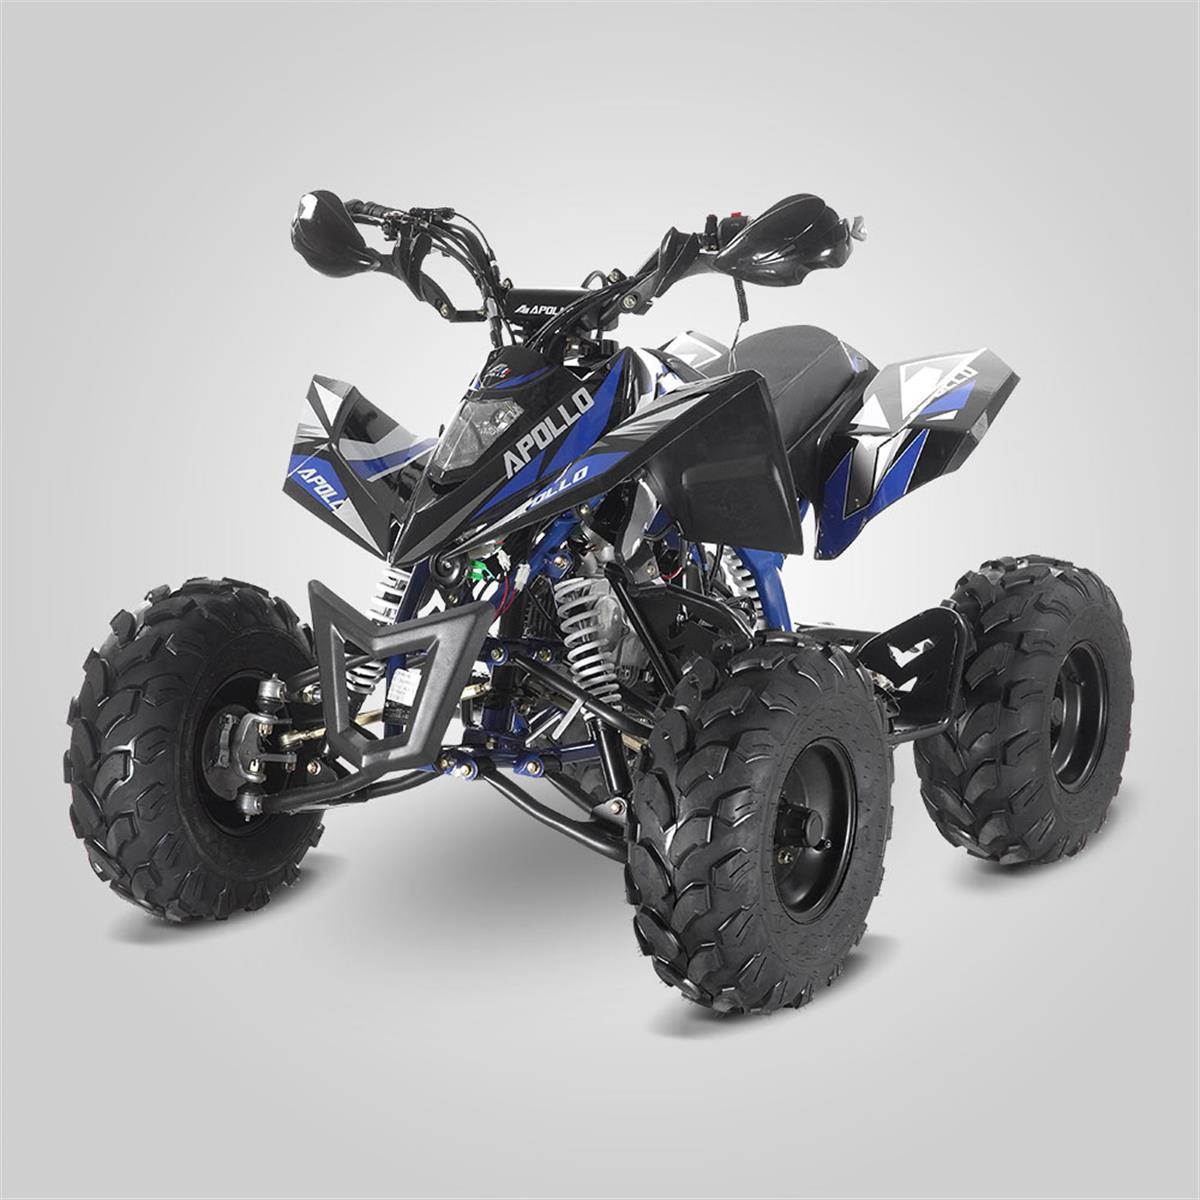 quad 125cc pour enfant apollo motors smallmx dirt bike. Black Bedroom Furniture Sets. Home Design Ideas